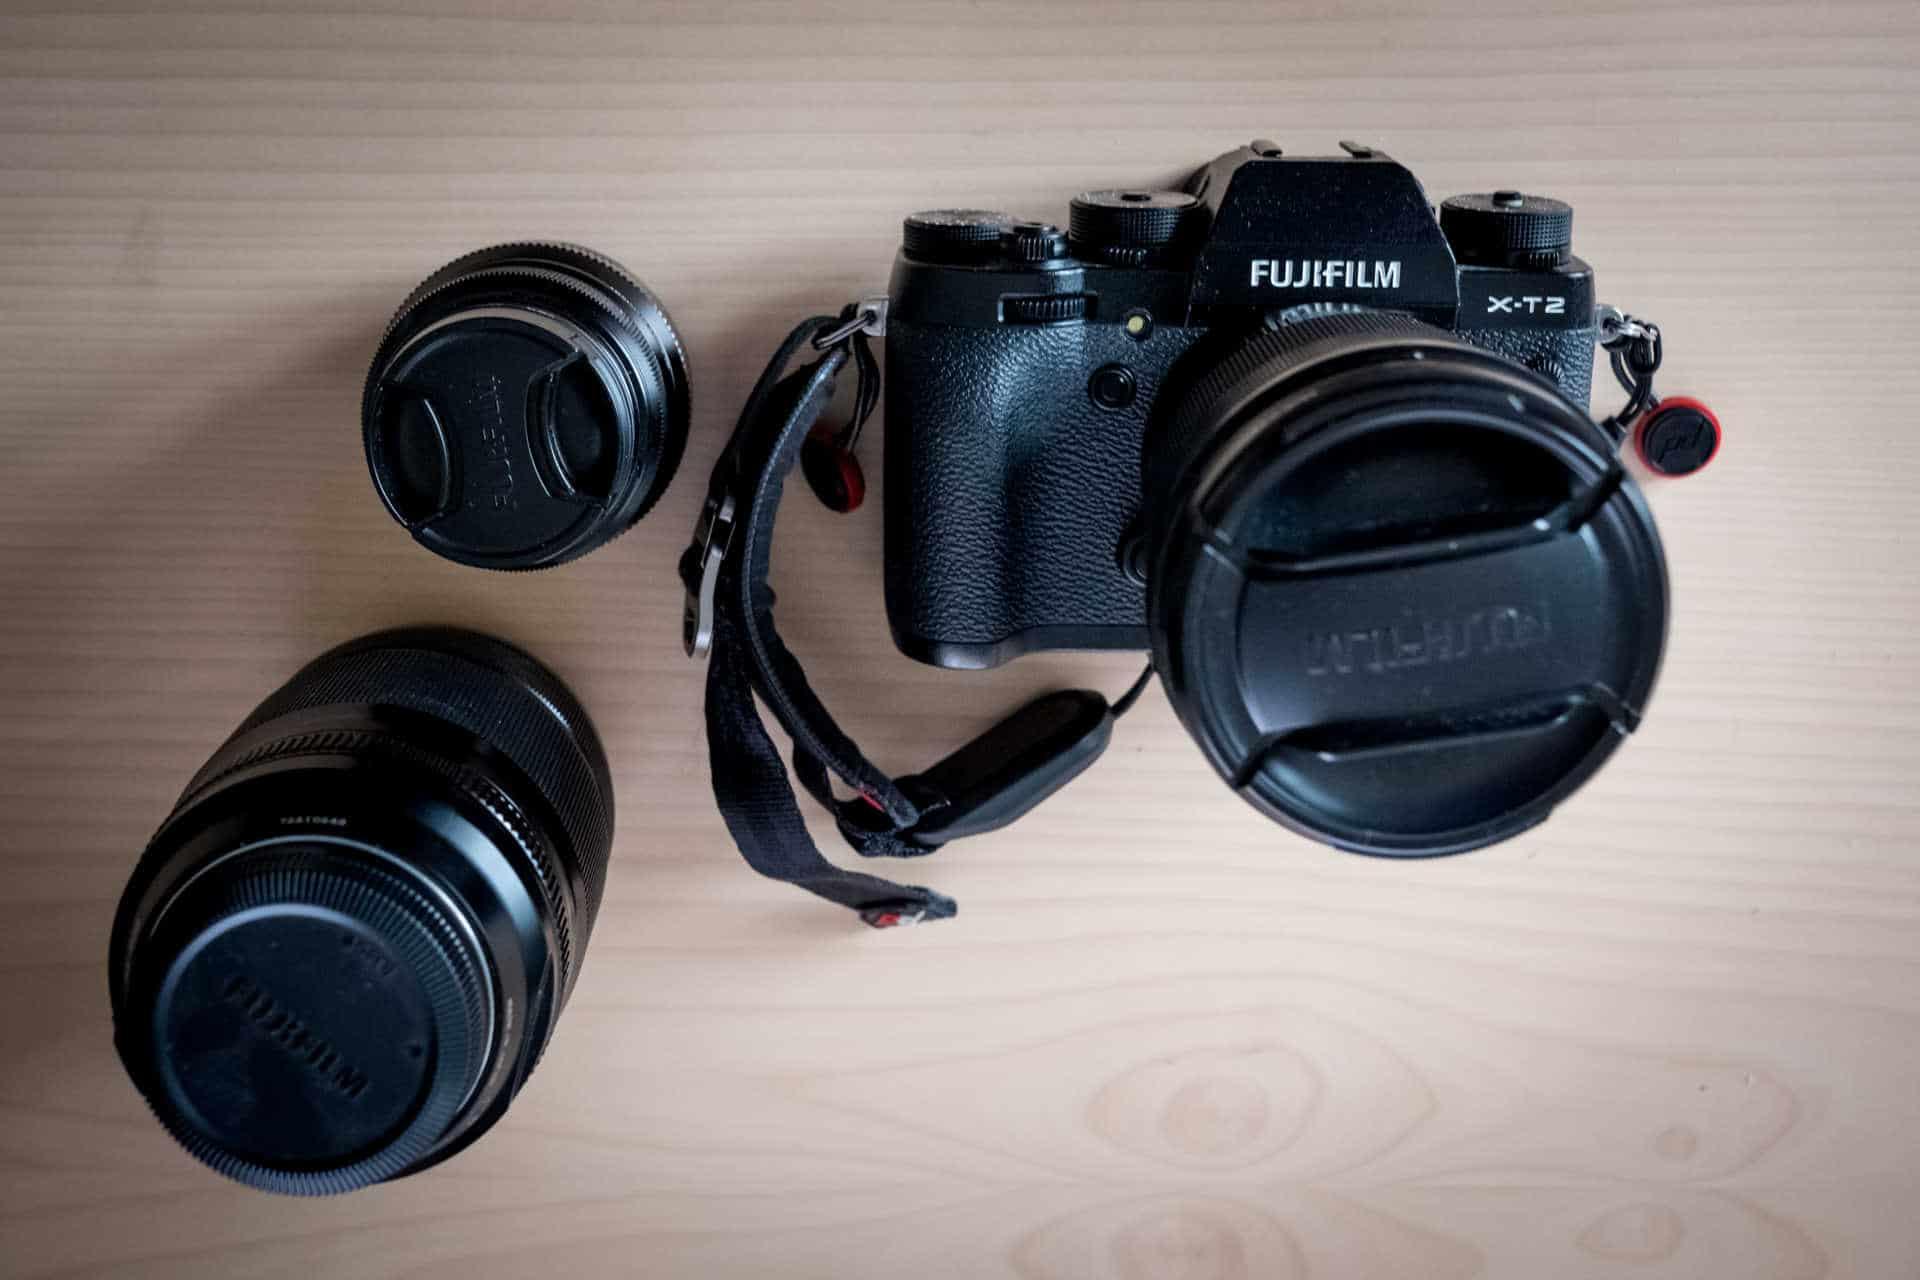 Pourquoi Fuji et pas Sony, Nikon ou Canon ?